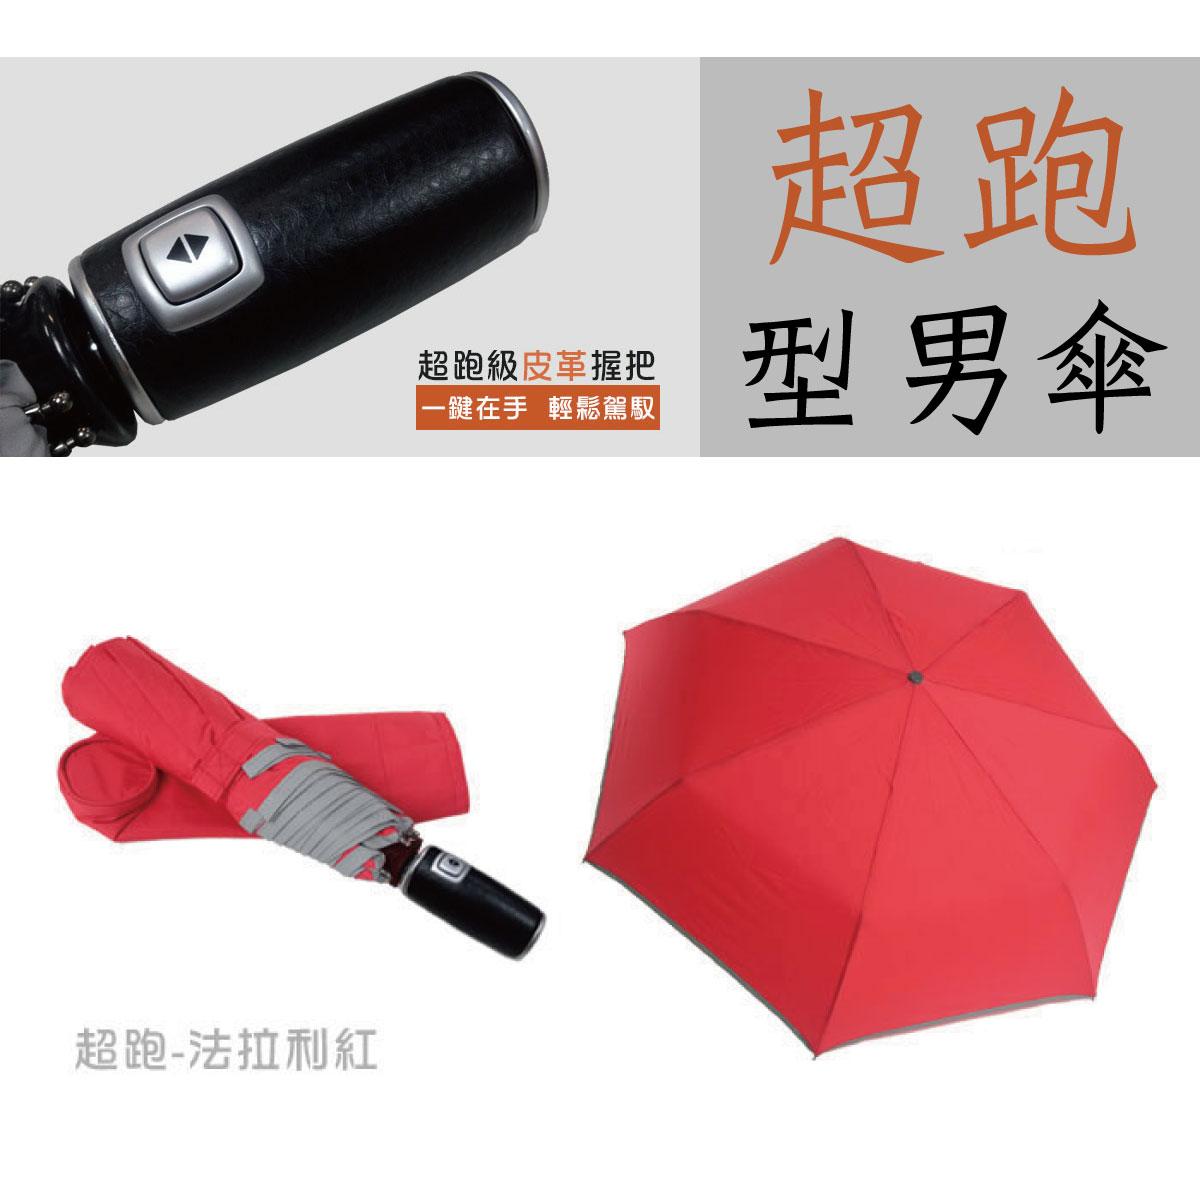 【iumbrella】超跑型男自動傘 皮革握把 法拉利紅